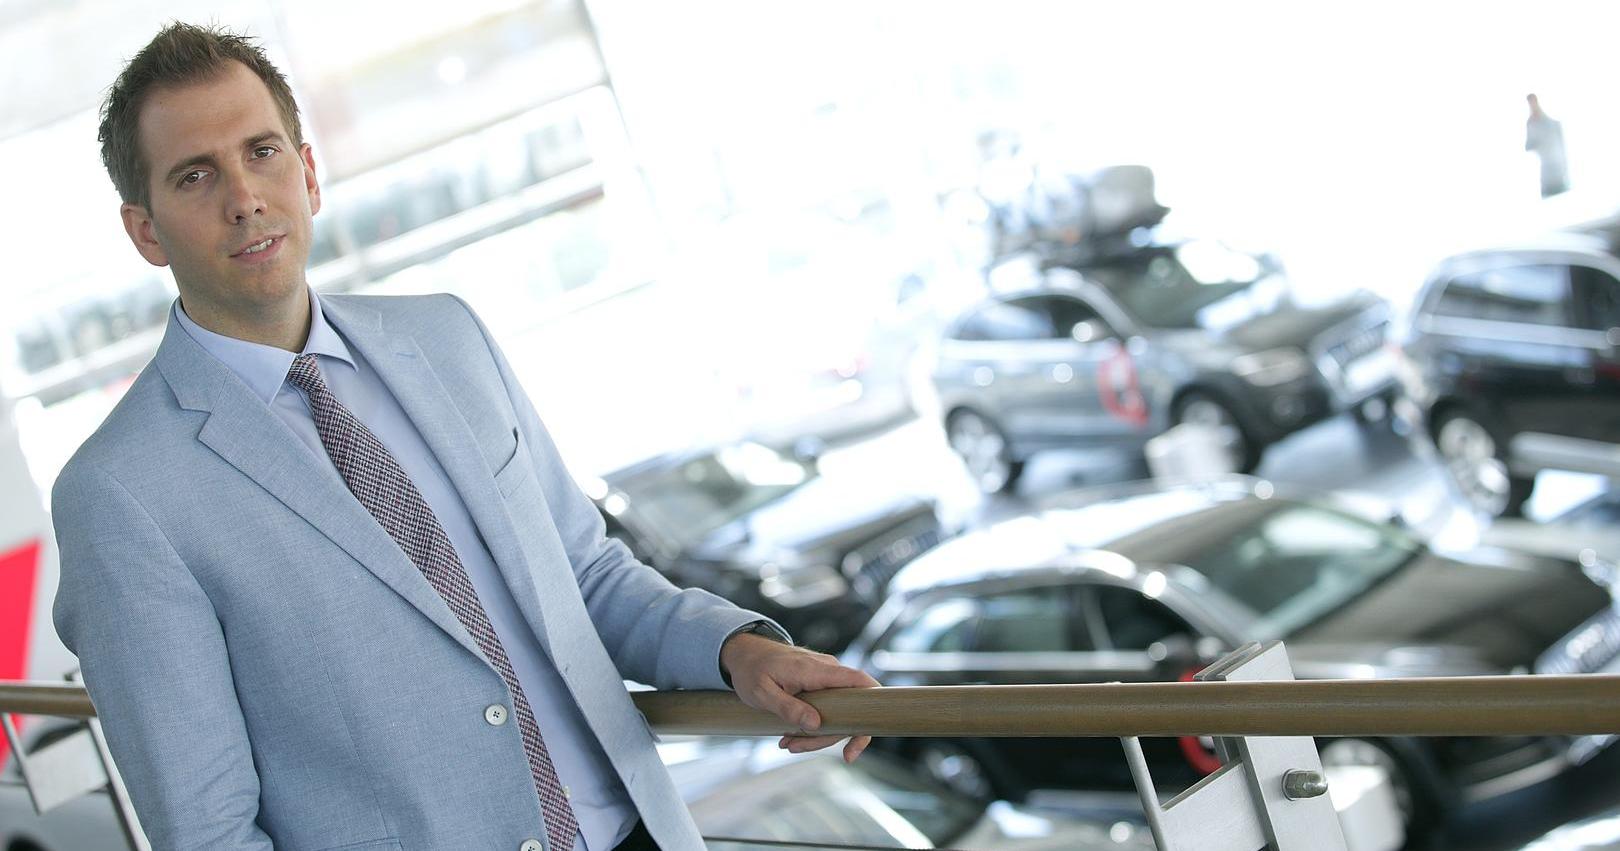 Moj poslovni put - Branimir Gospić